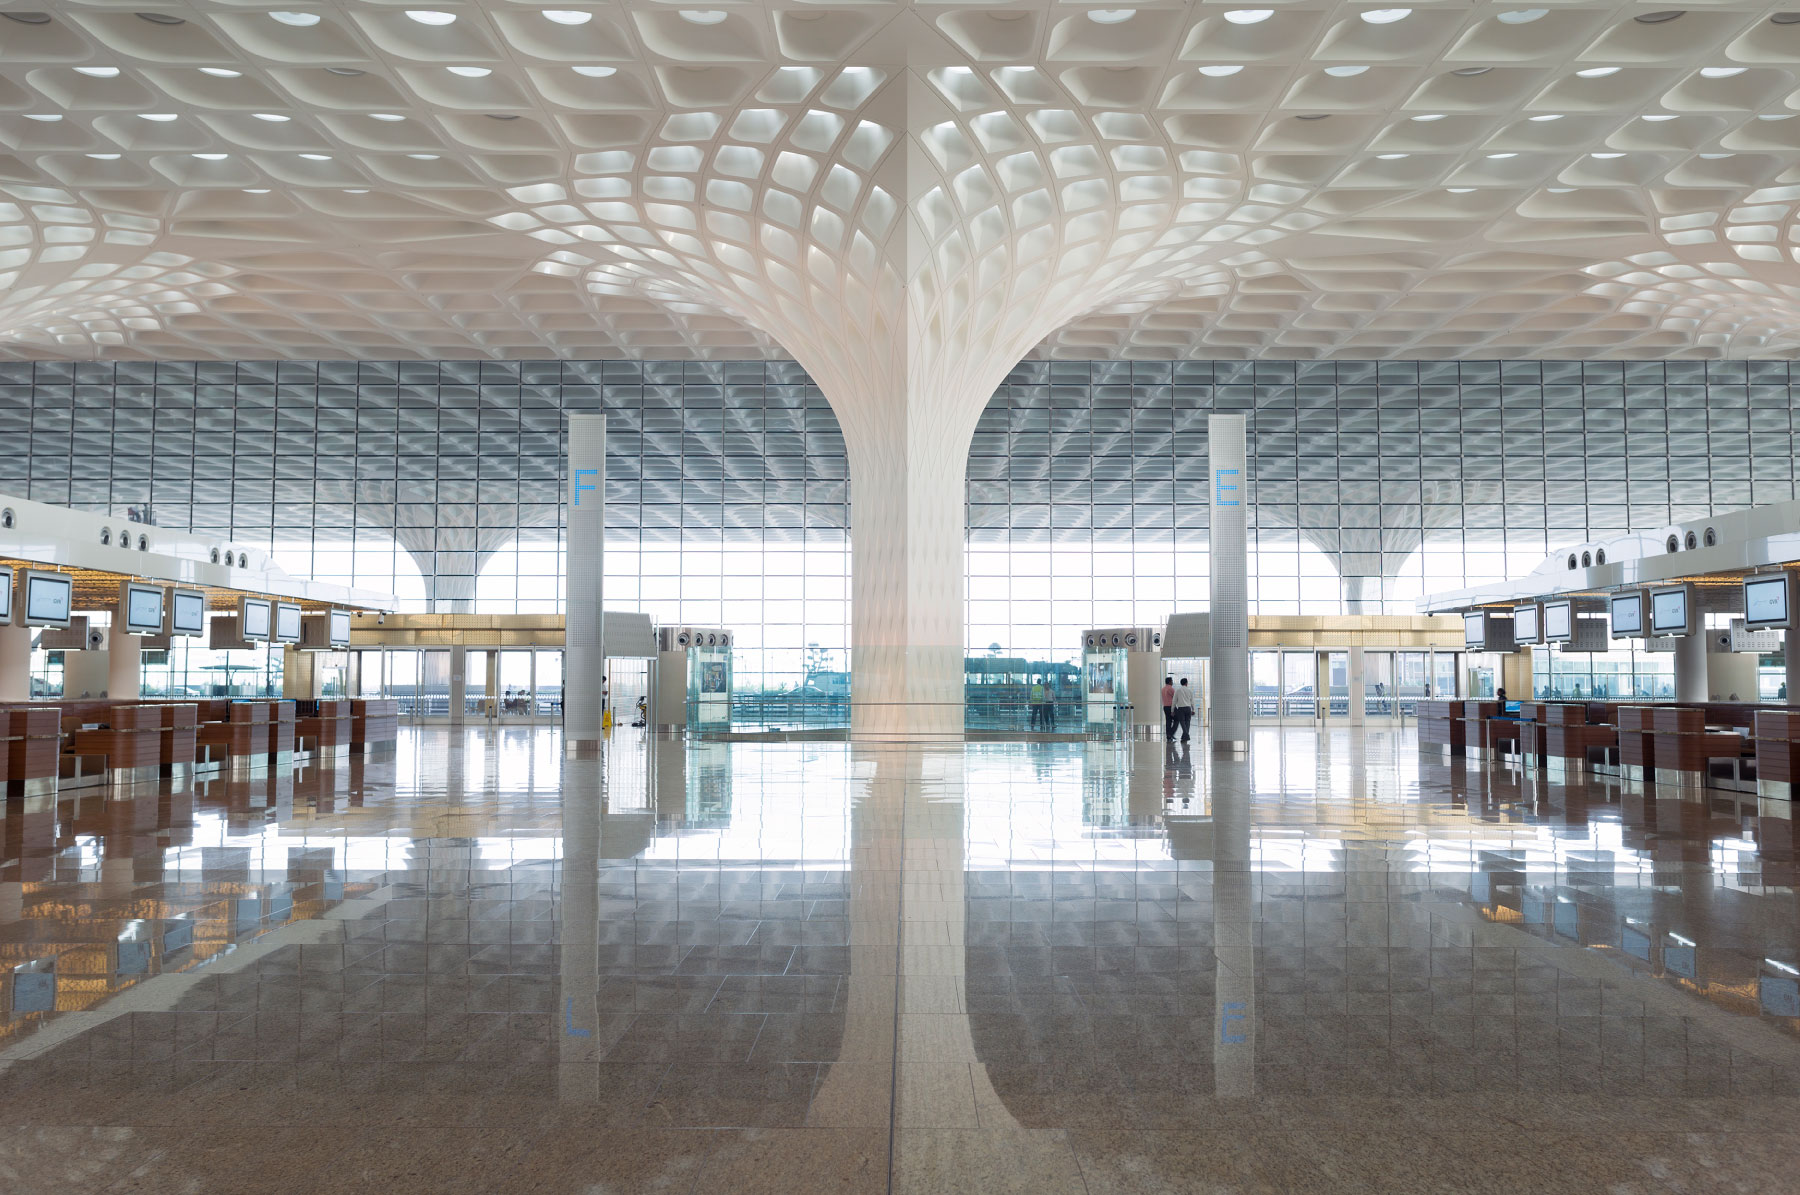 Canopee lumiere aeroport Chhatrapati Shivaji - Aéroport international Chhatrapati Shivaji : Canopée de lumière